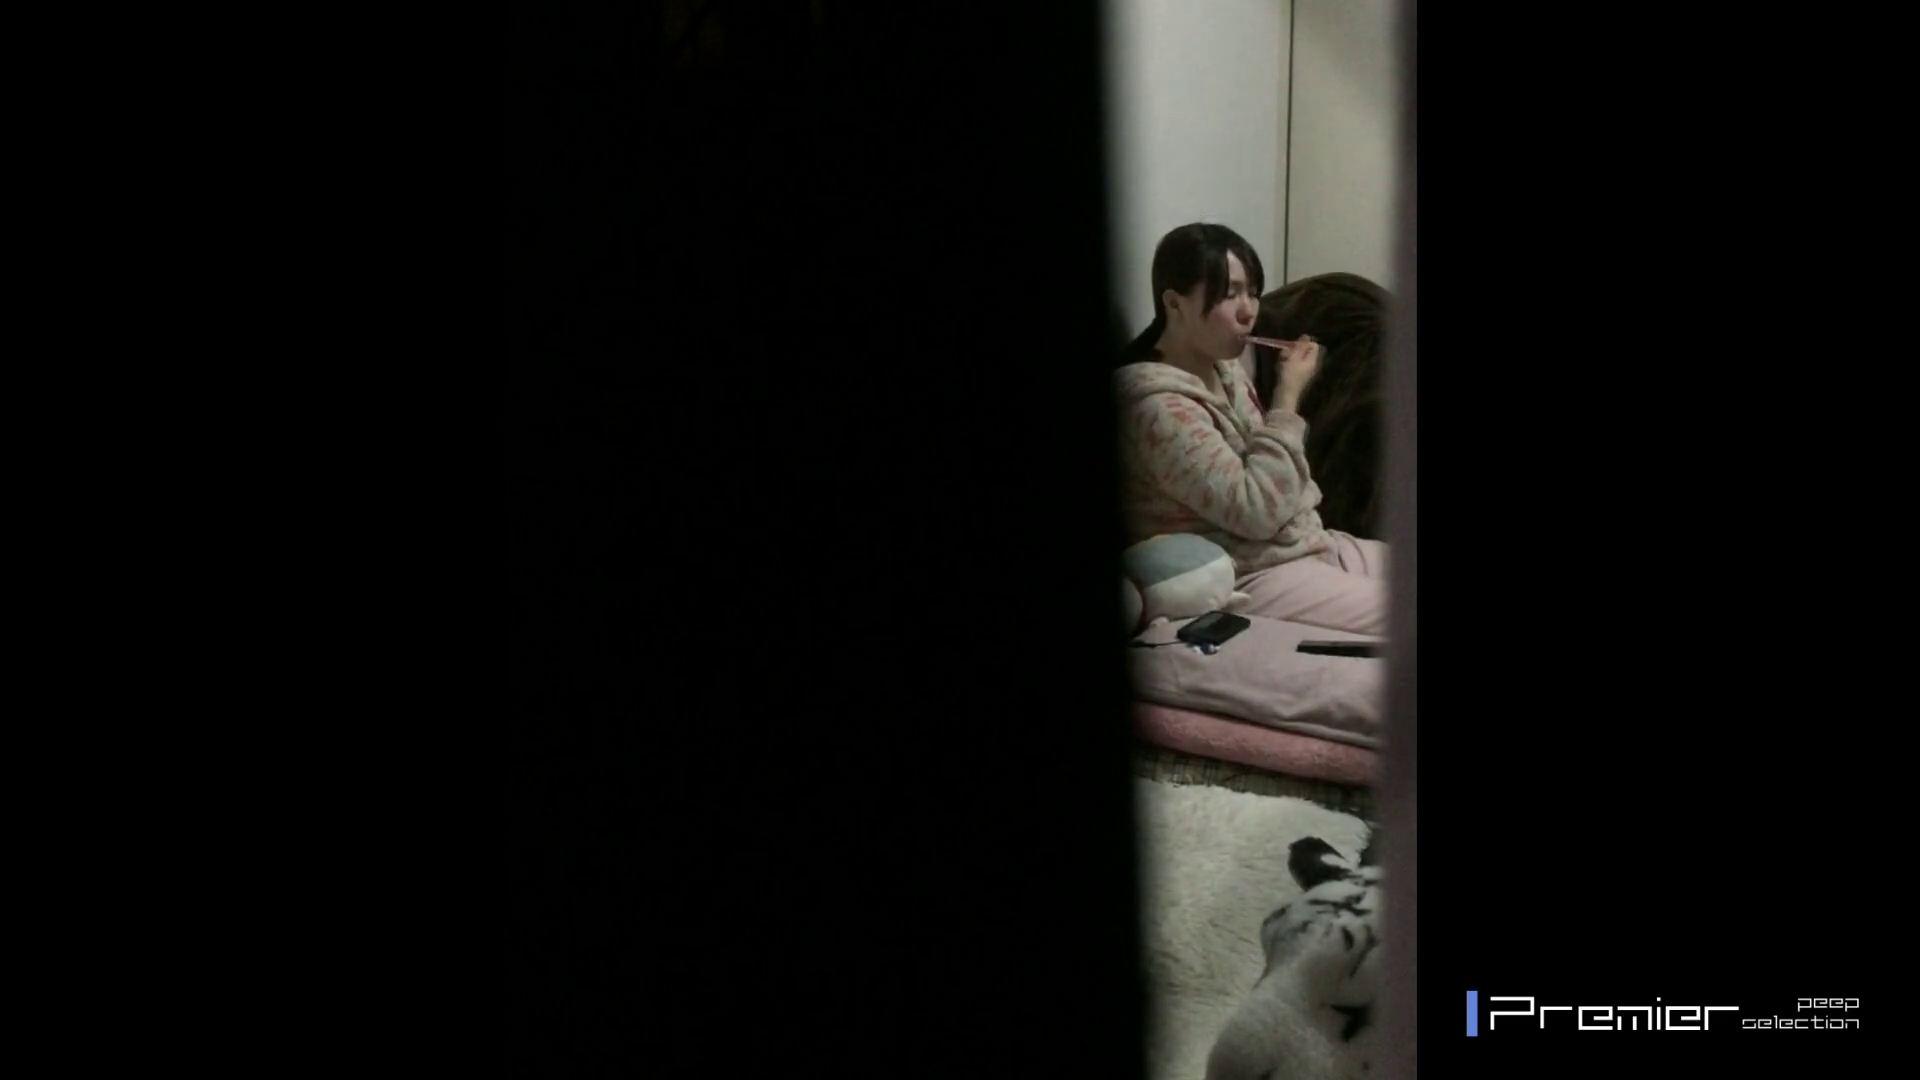 マニア必見!ポチャ達のカーニバル美女達の私生活に潜入! 潜入 盗撮オメコ無修正動画無料 99pic 94